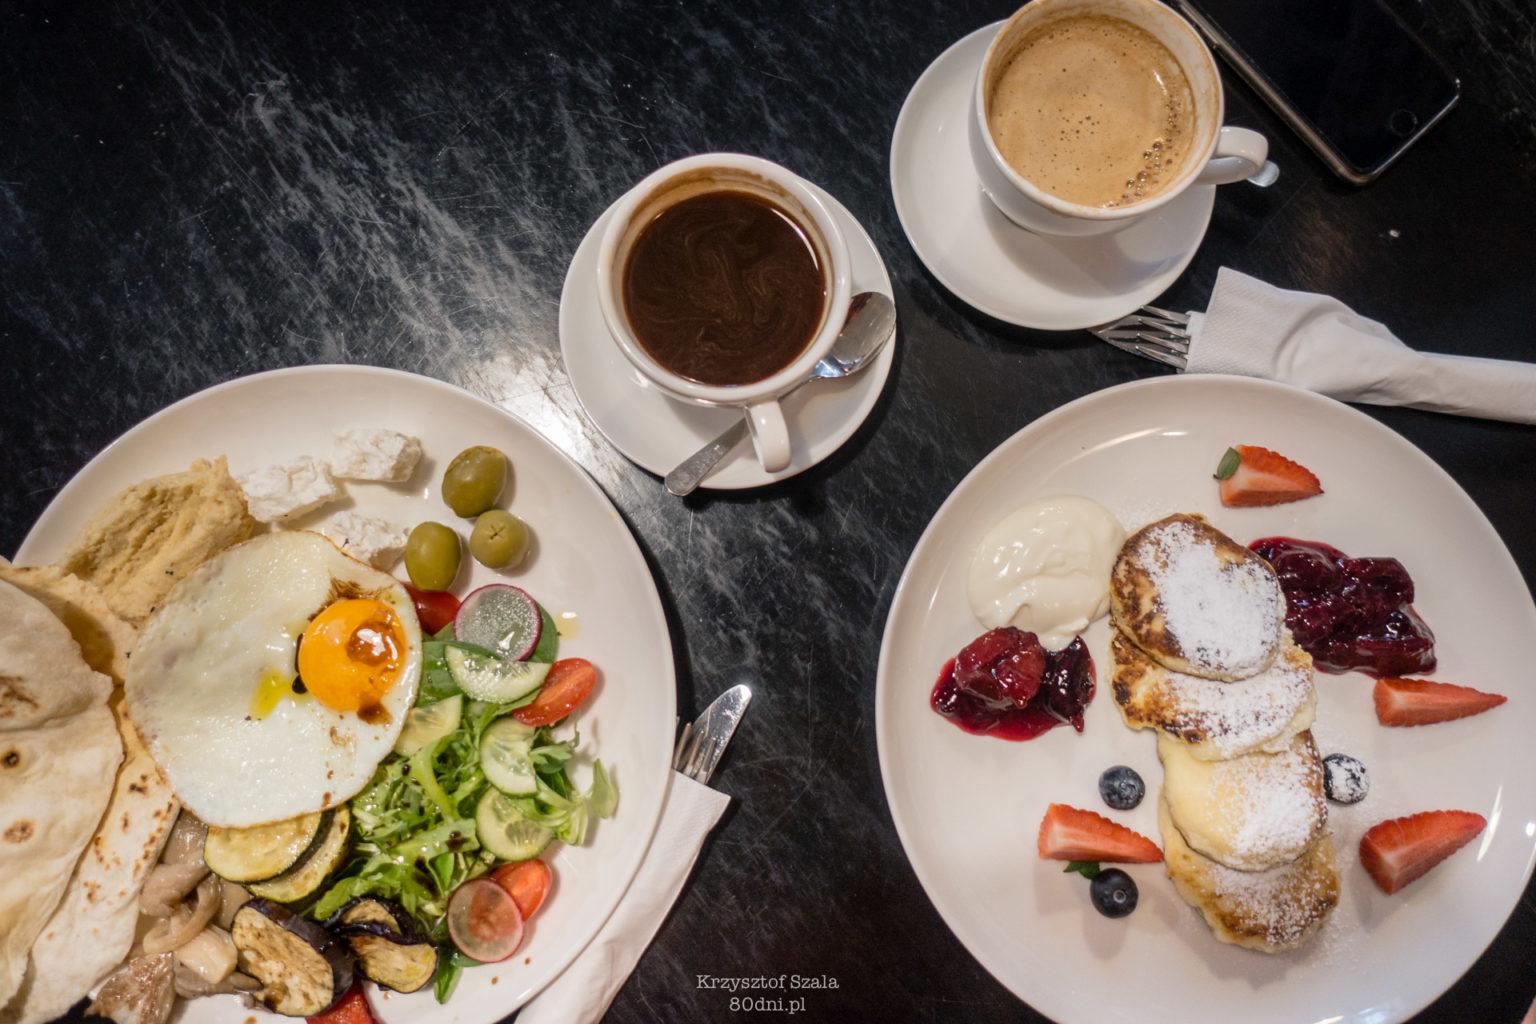 Zdjęcie Talerza Zielonego, Serniczków oraz dwóch kaw.